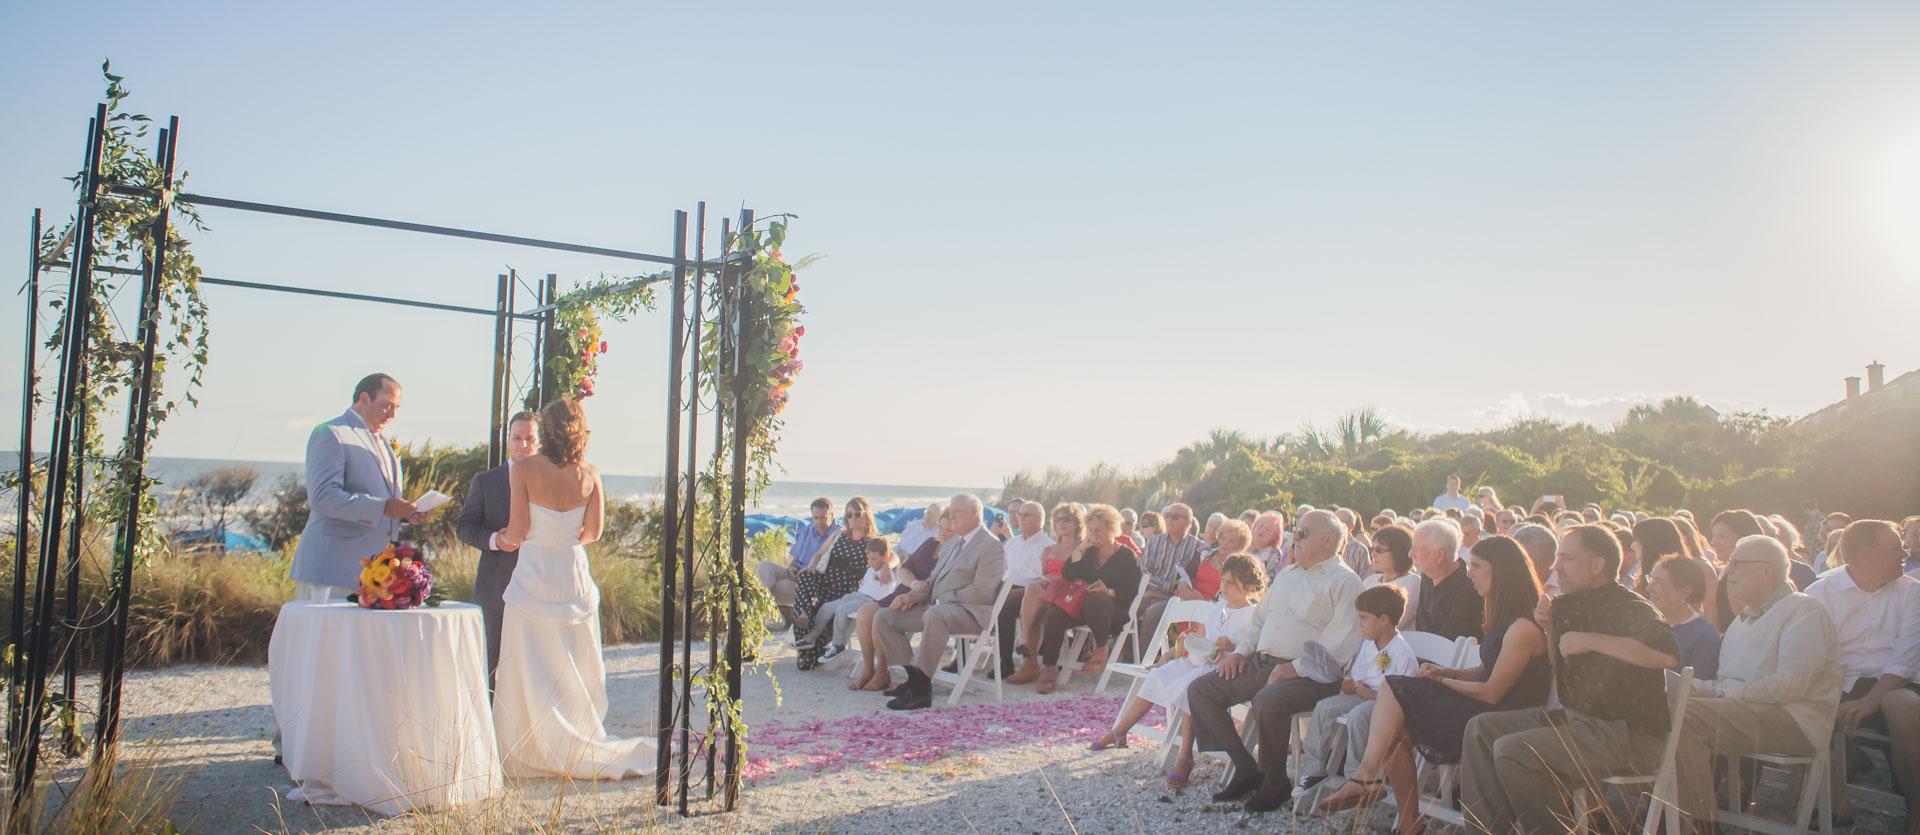 wild-dunes-ceremony